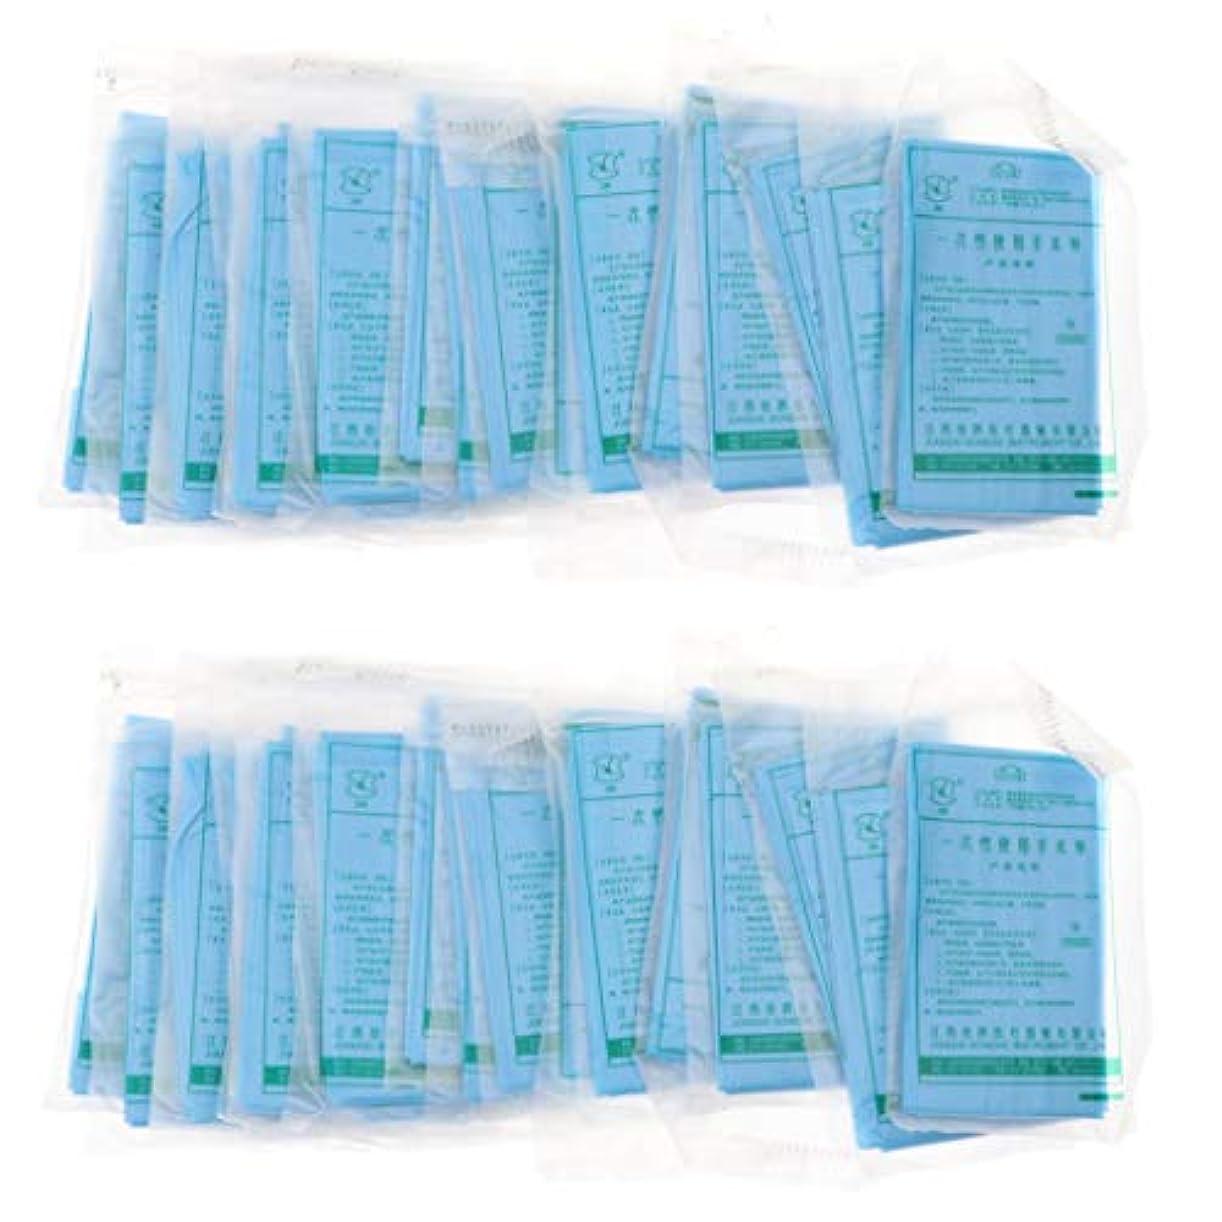 億ようこそヤギSM SunniMix ヘッドレスト紙 マッサージ フェイスピロークッションカバー 使い捨て 不織布 約40ピースセット